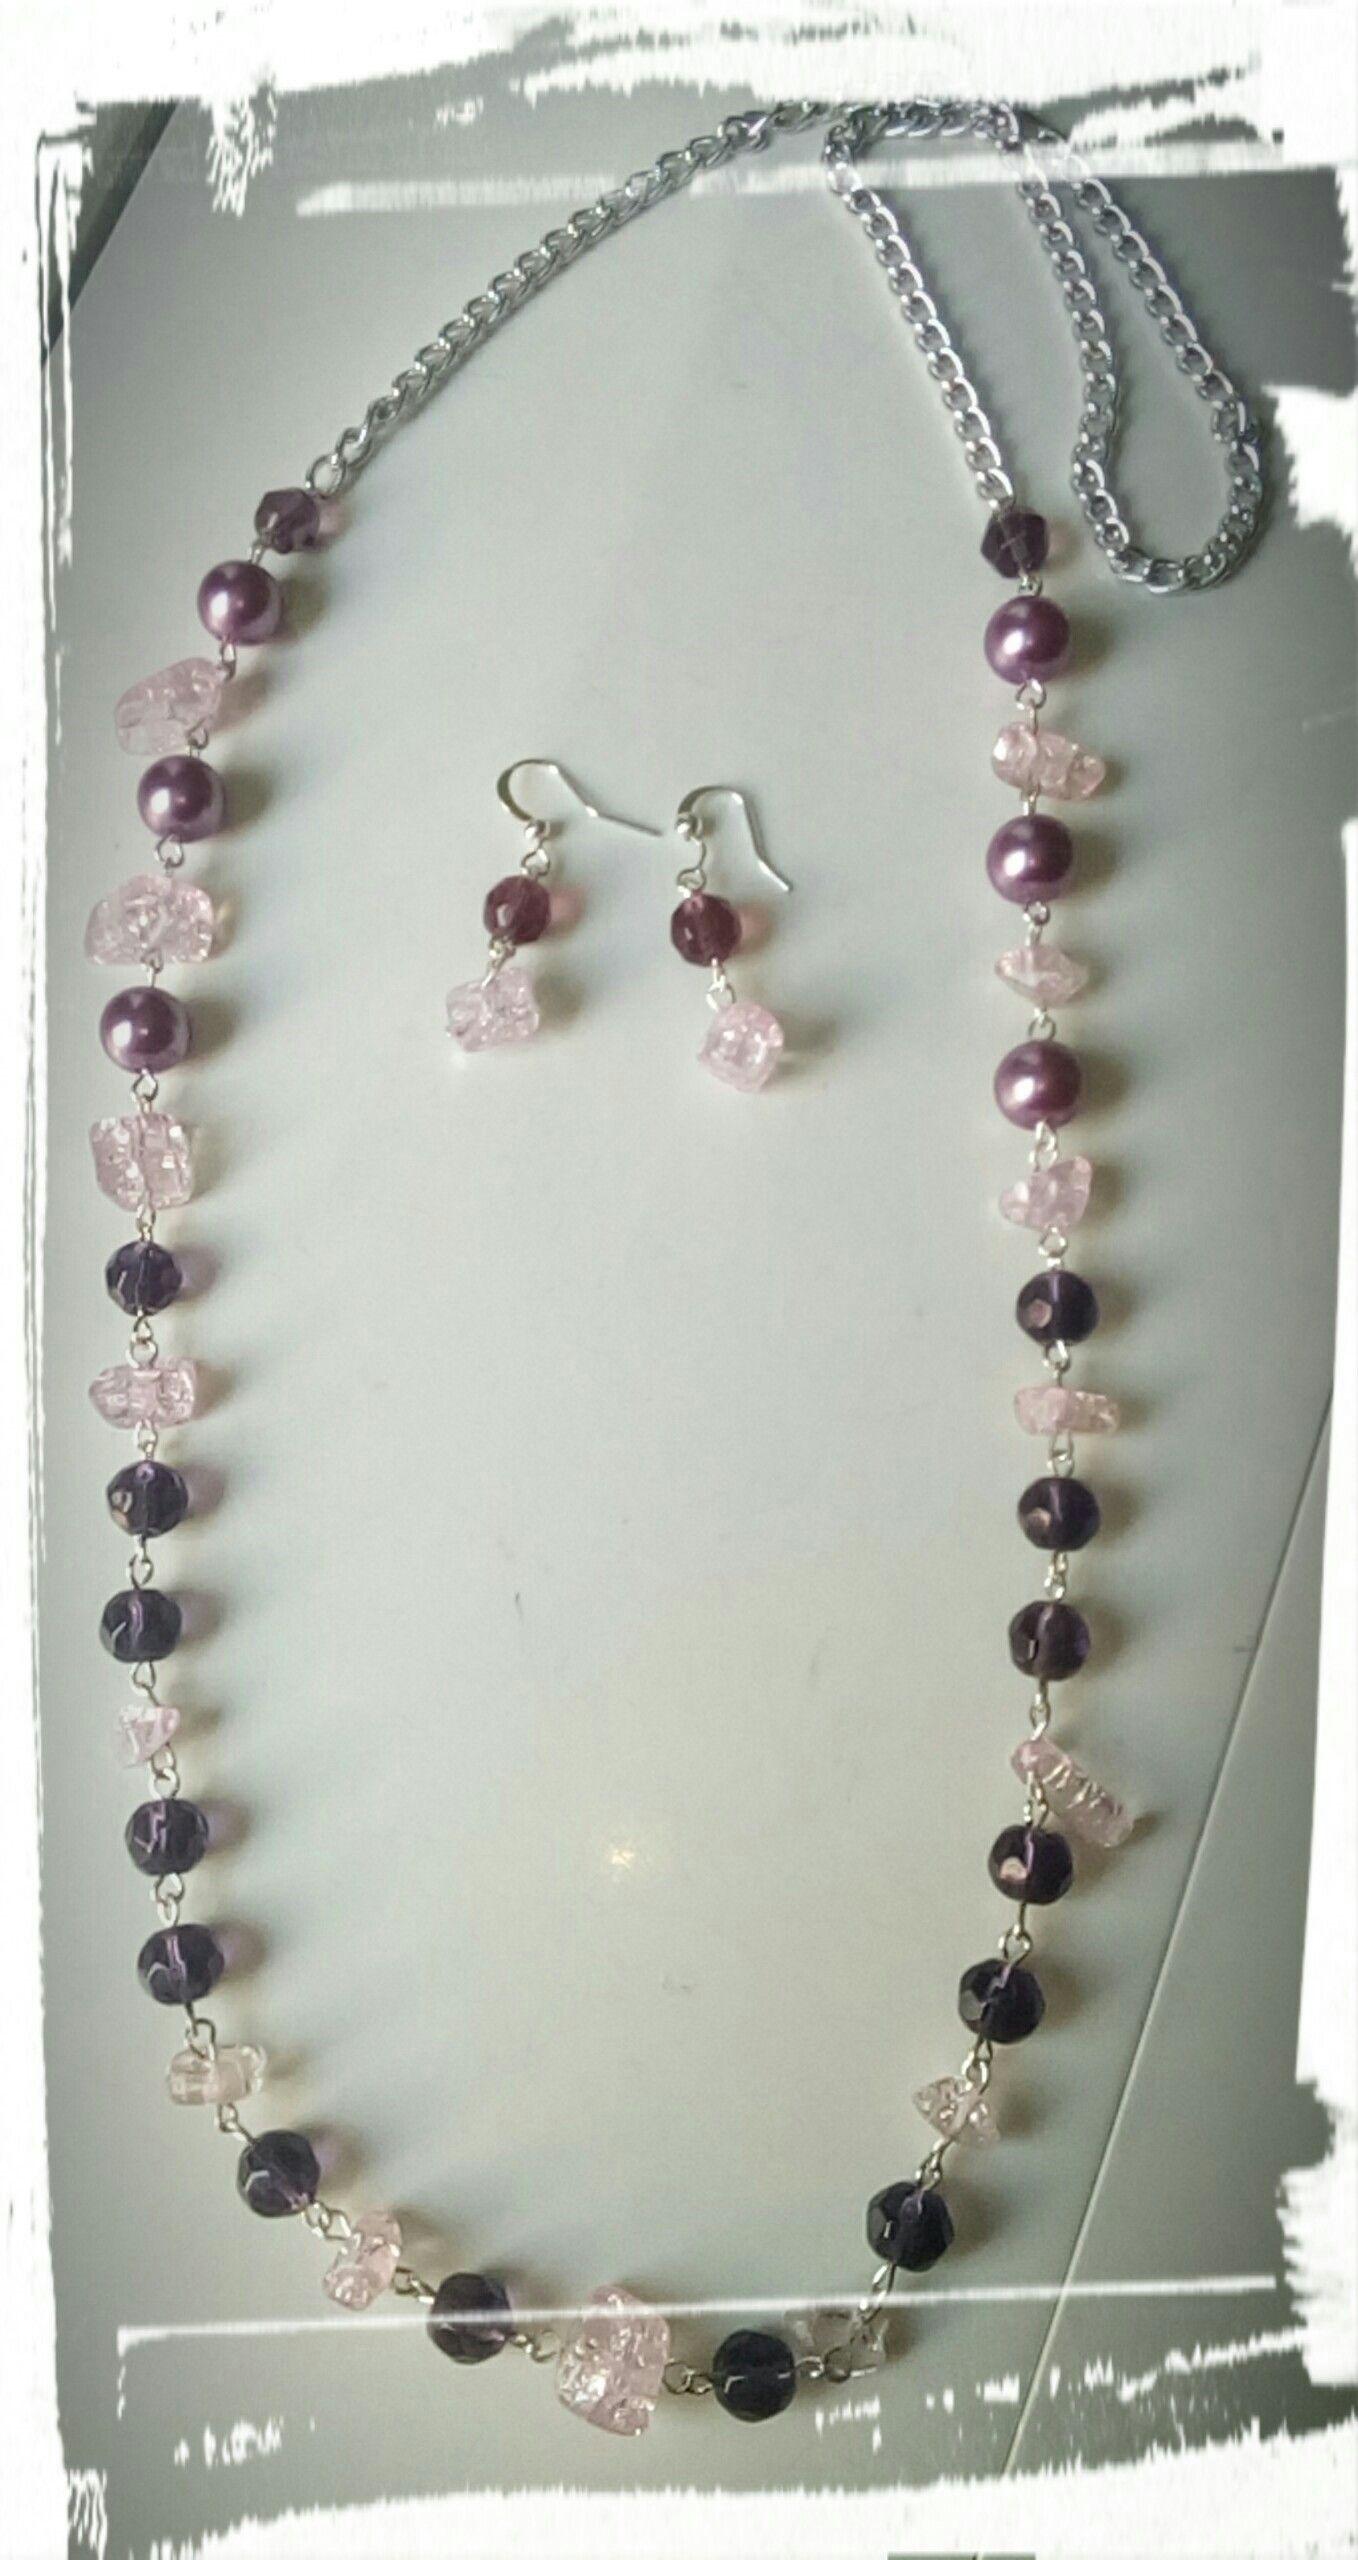 Bello collar enbcadena con perlas, cristales y piedra picada en color morado